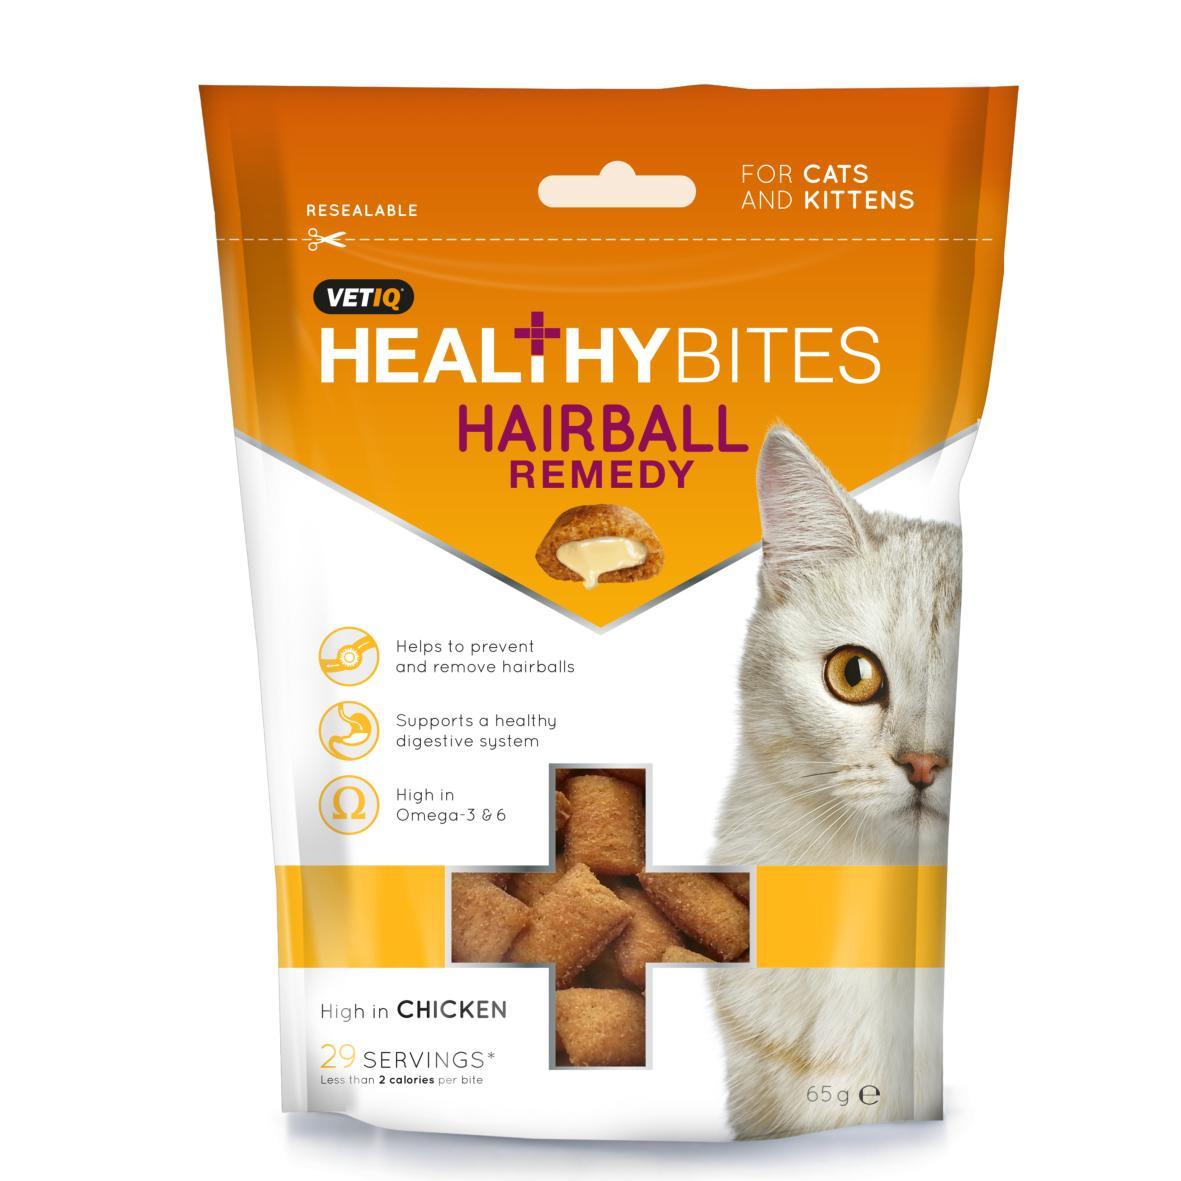 VetIQ Healthy Bites Hairball Remedy Treats 65gm